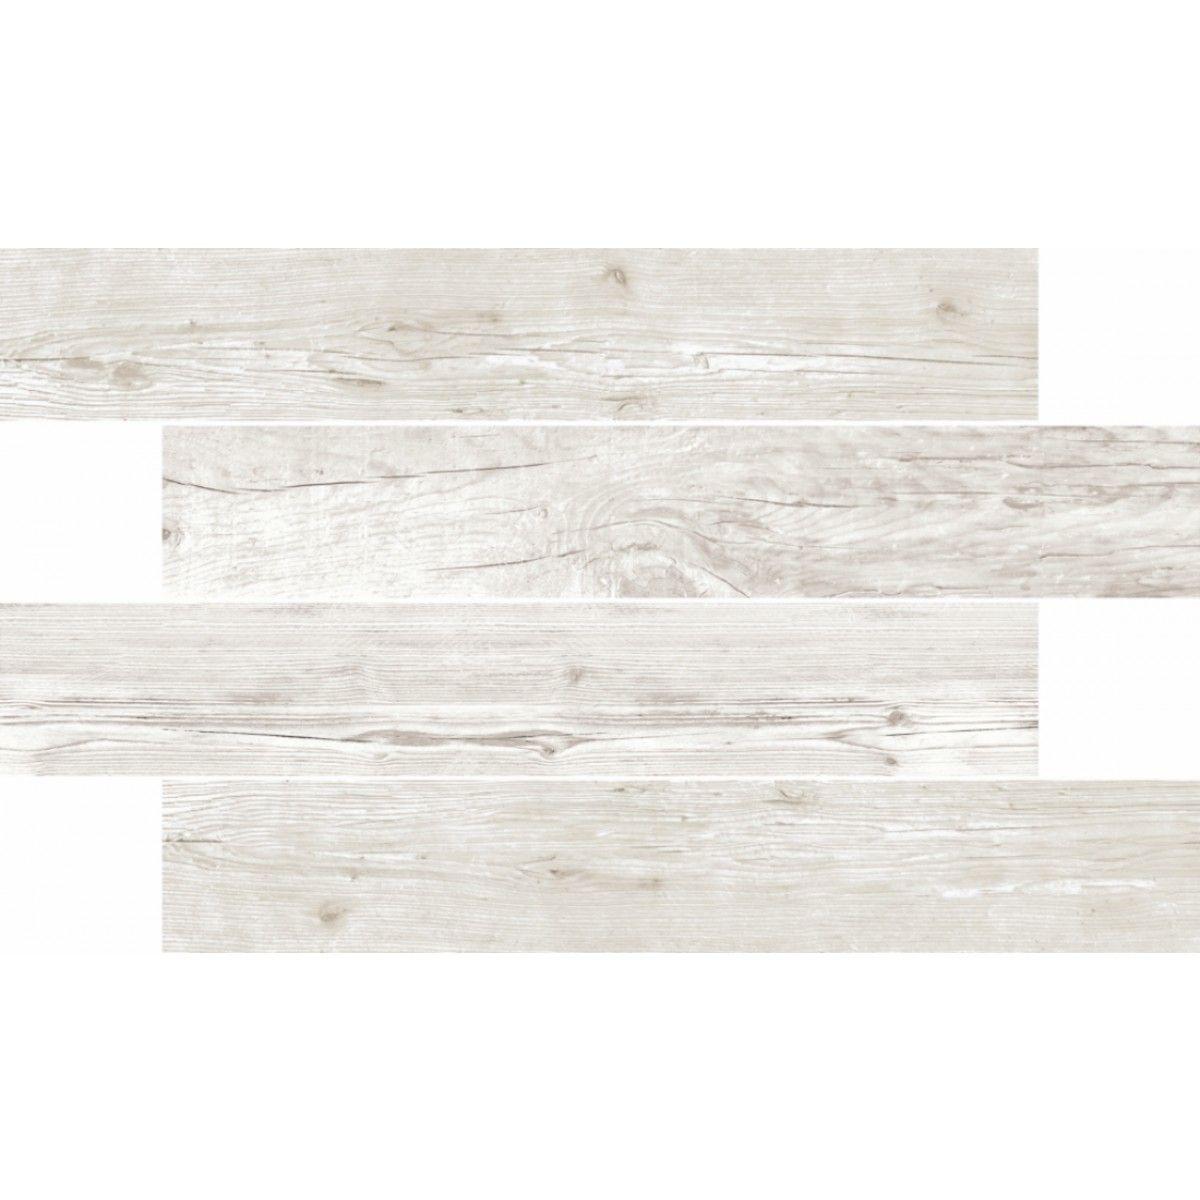 Woodgrain effect white oak sequoia limed oak white 3337 per m woodgrain effect white oak sequoia limed oak white per m per tile inc vat dailygadgetfo Gallery